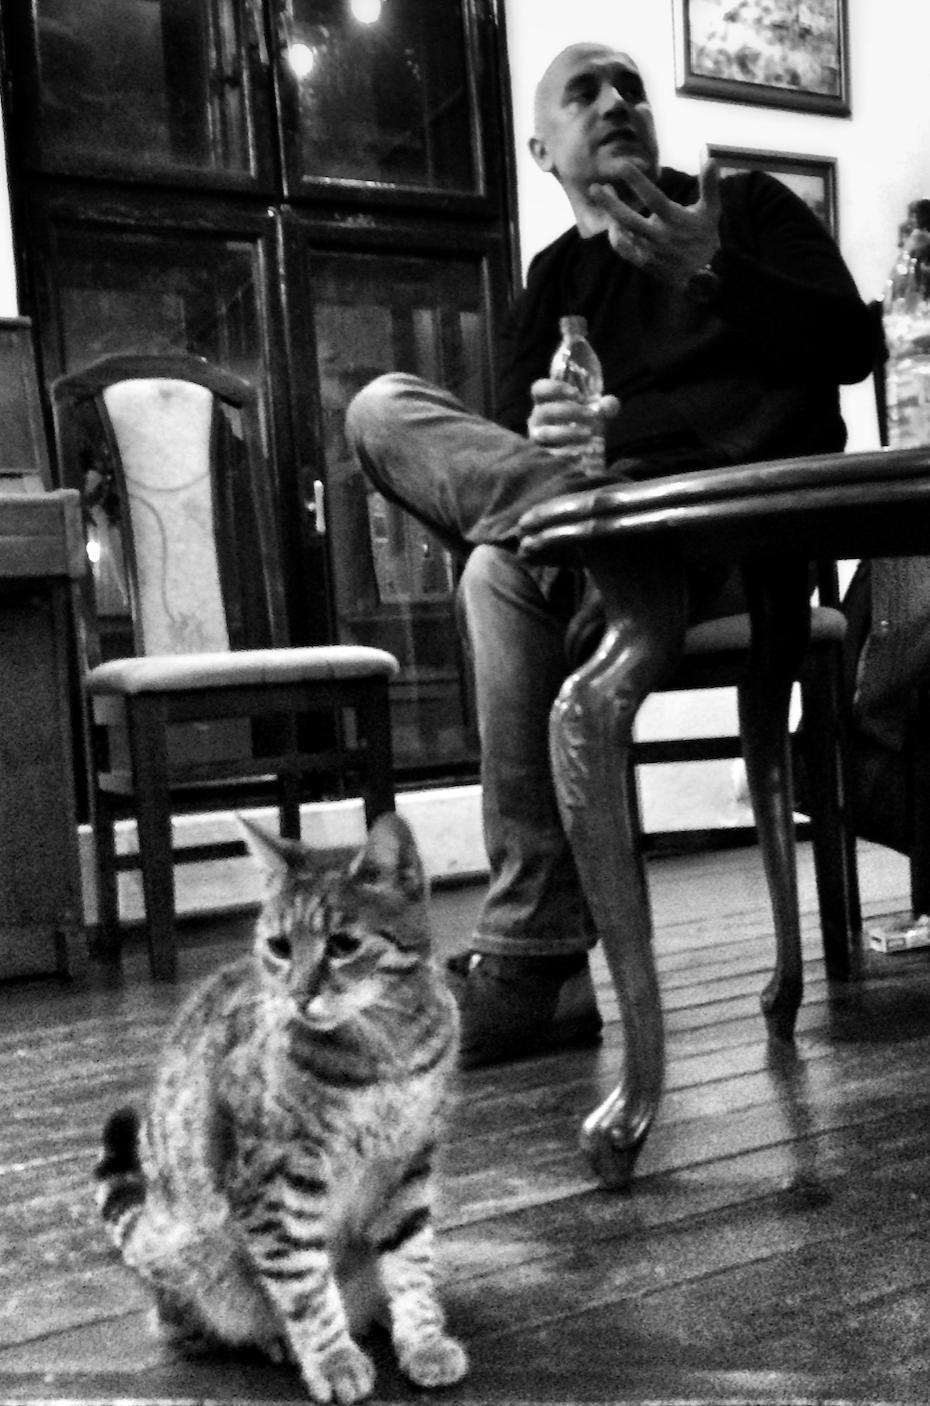 Zakhar et le chat